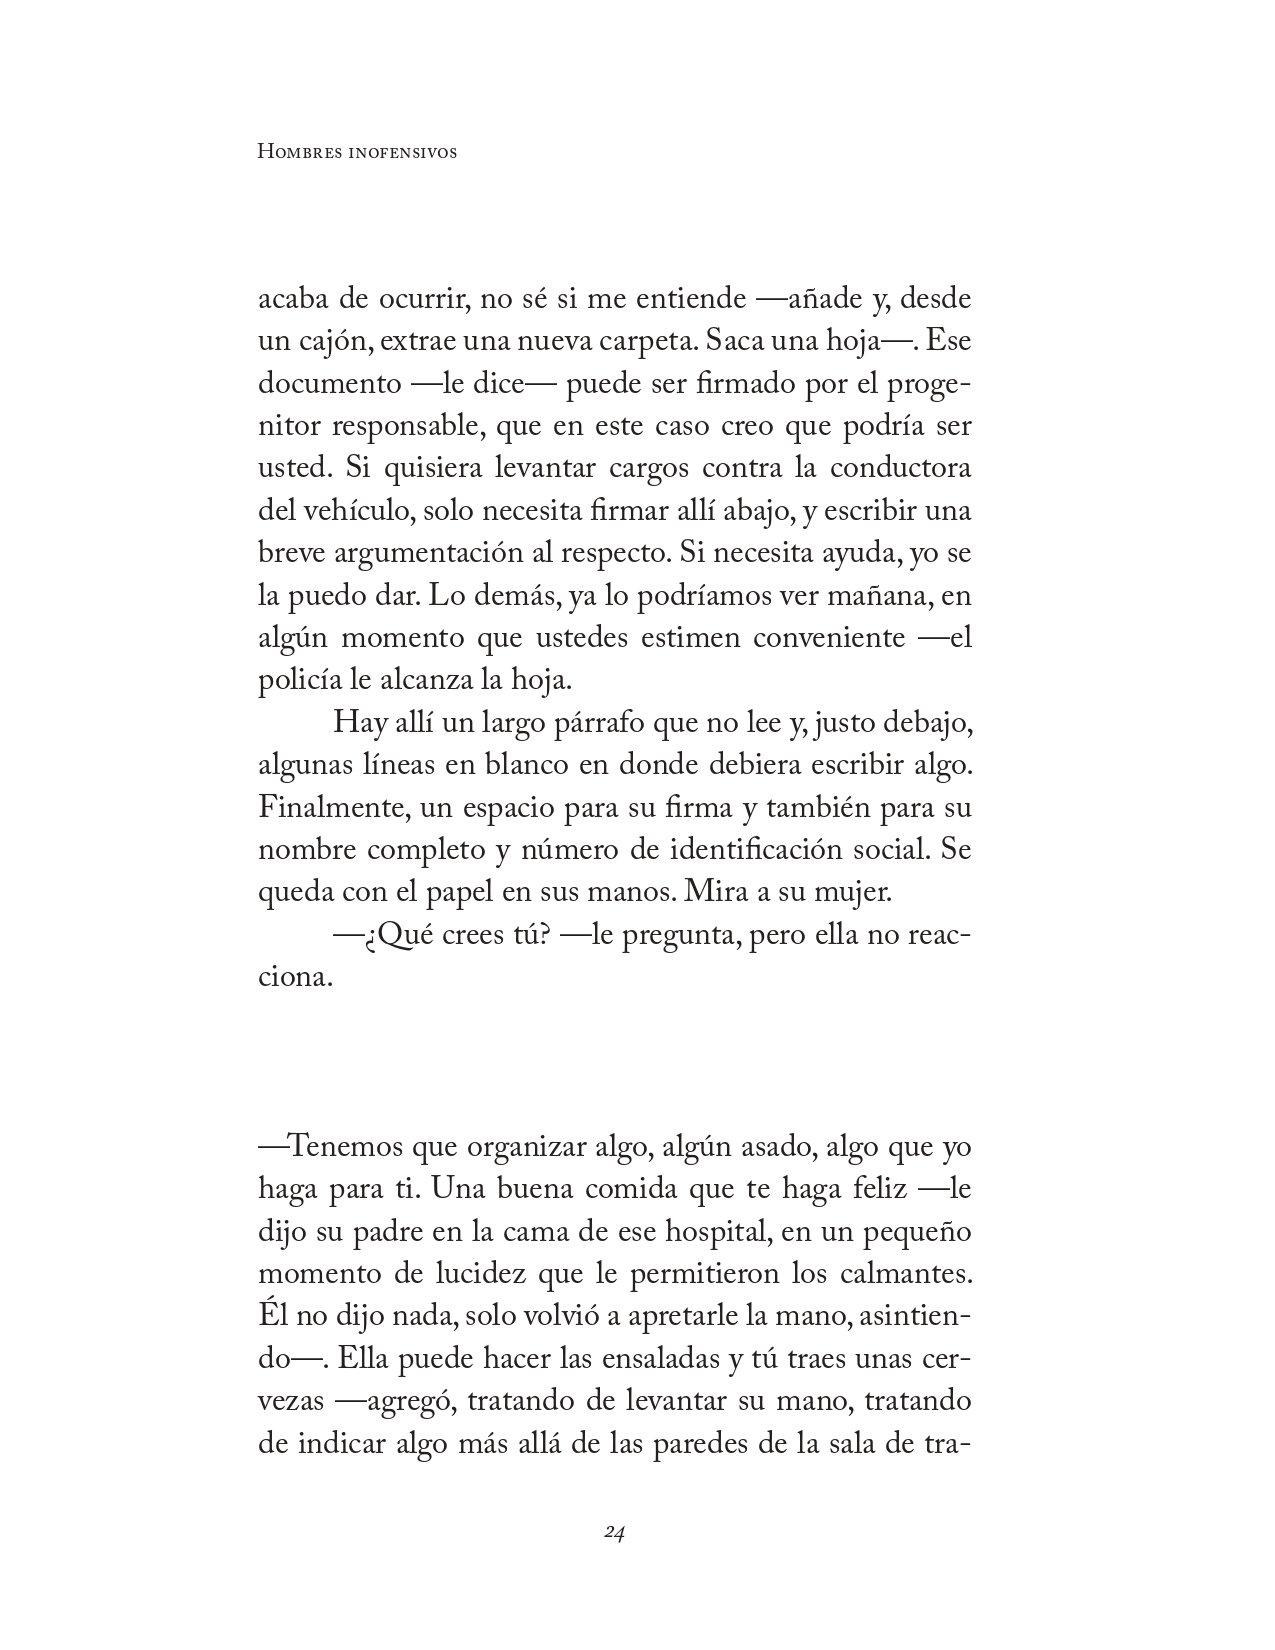 Adelanto_Hombres_Inofensivos_Patricio_Tapia_page-0021.jpg